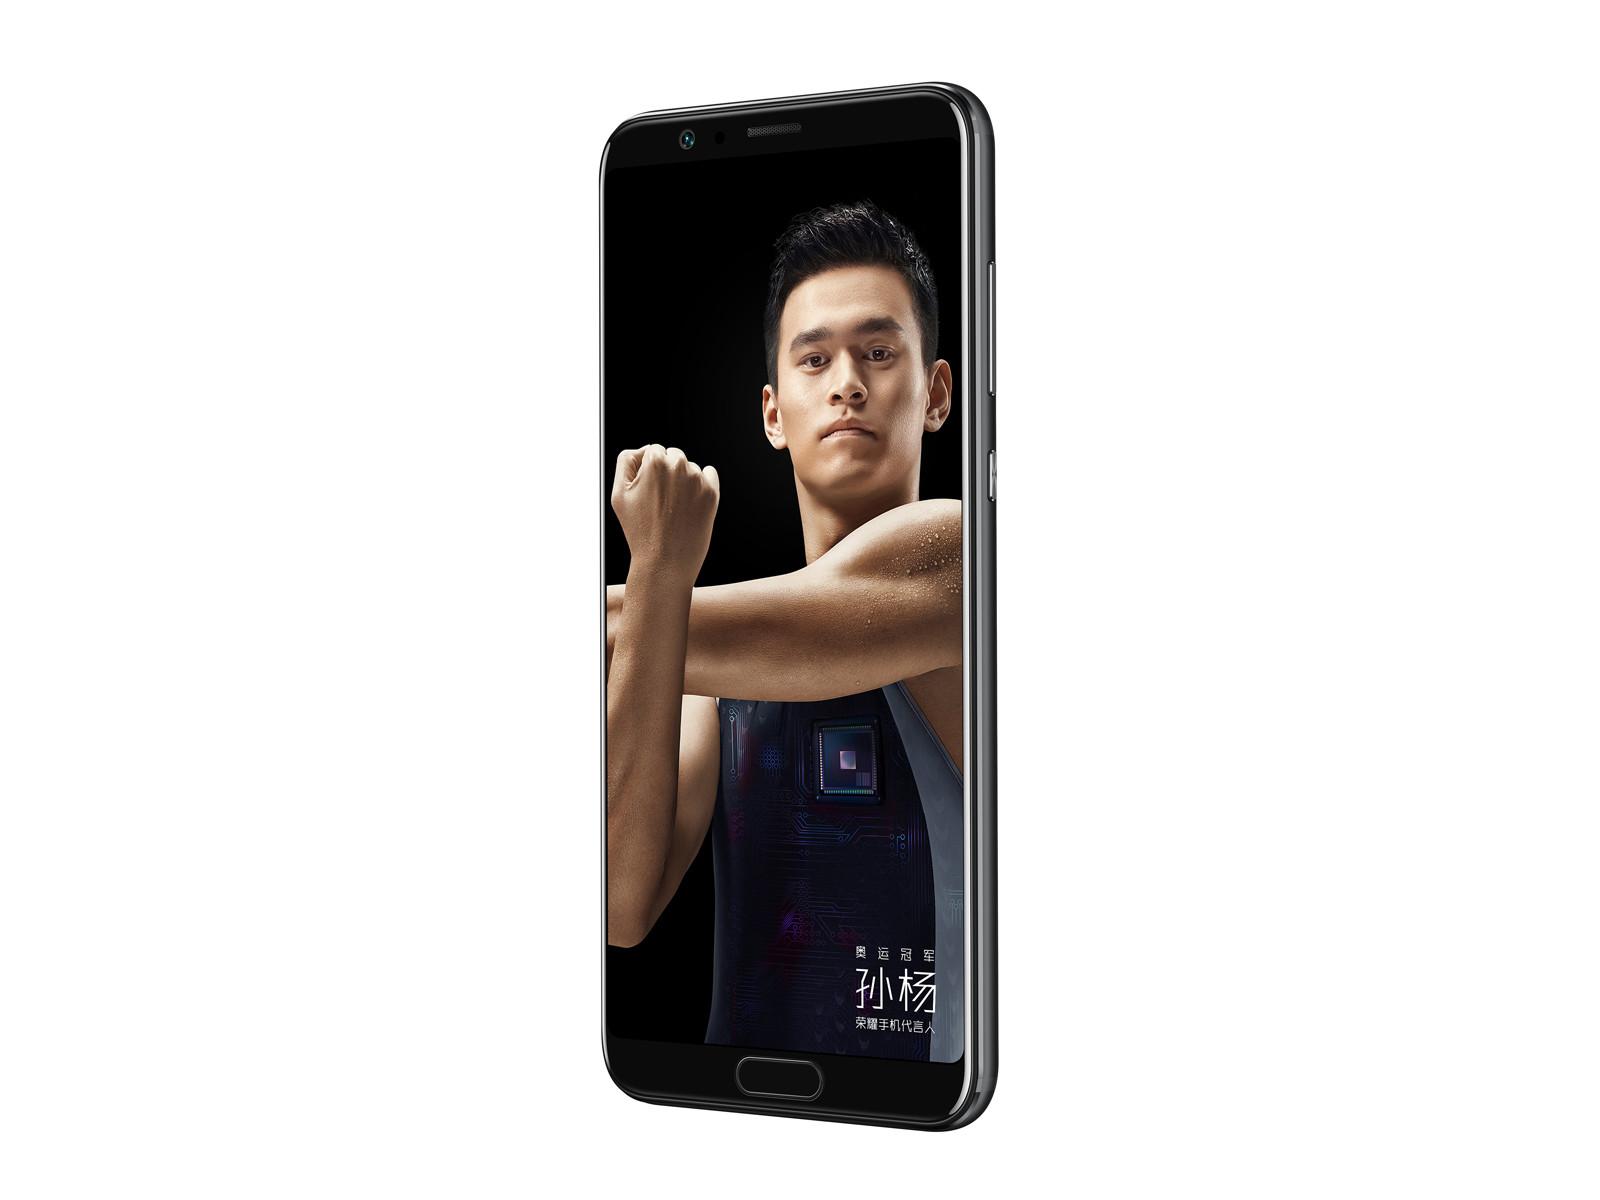 荣耀V10(6+128GB)产品本身外观第7张